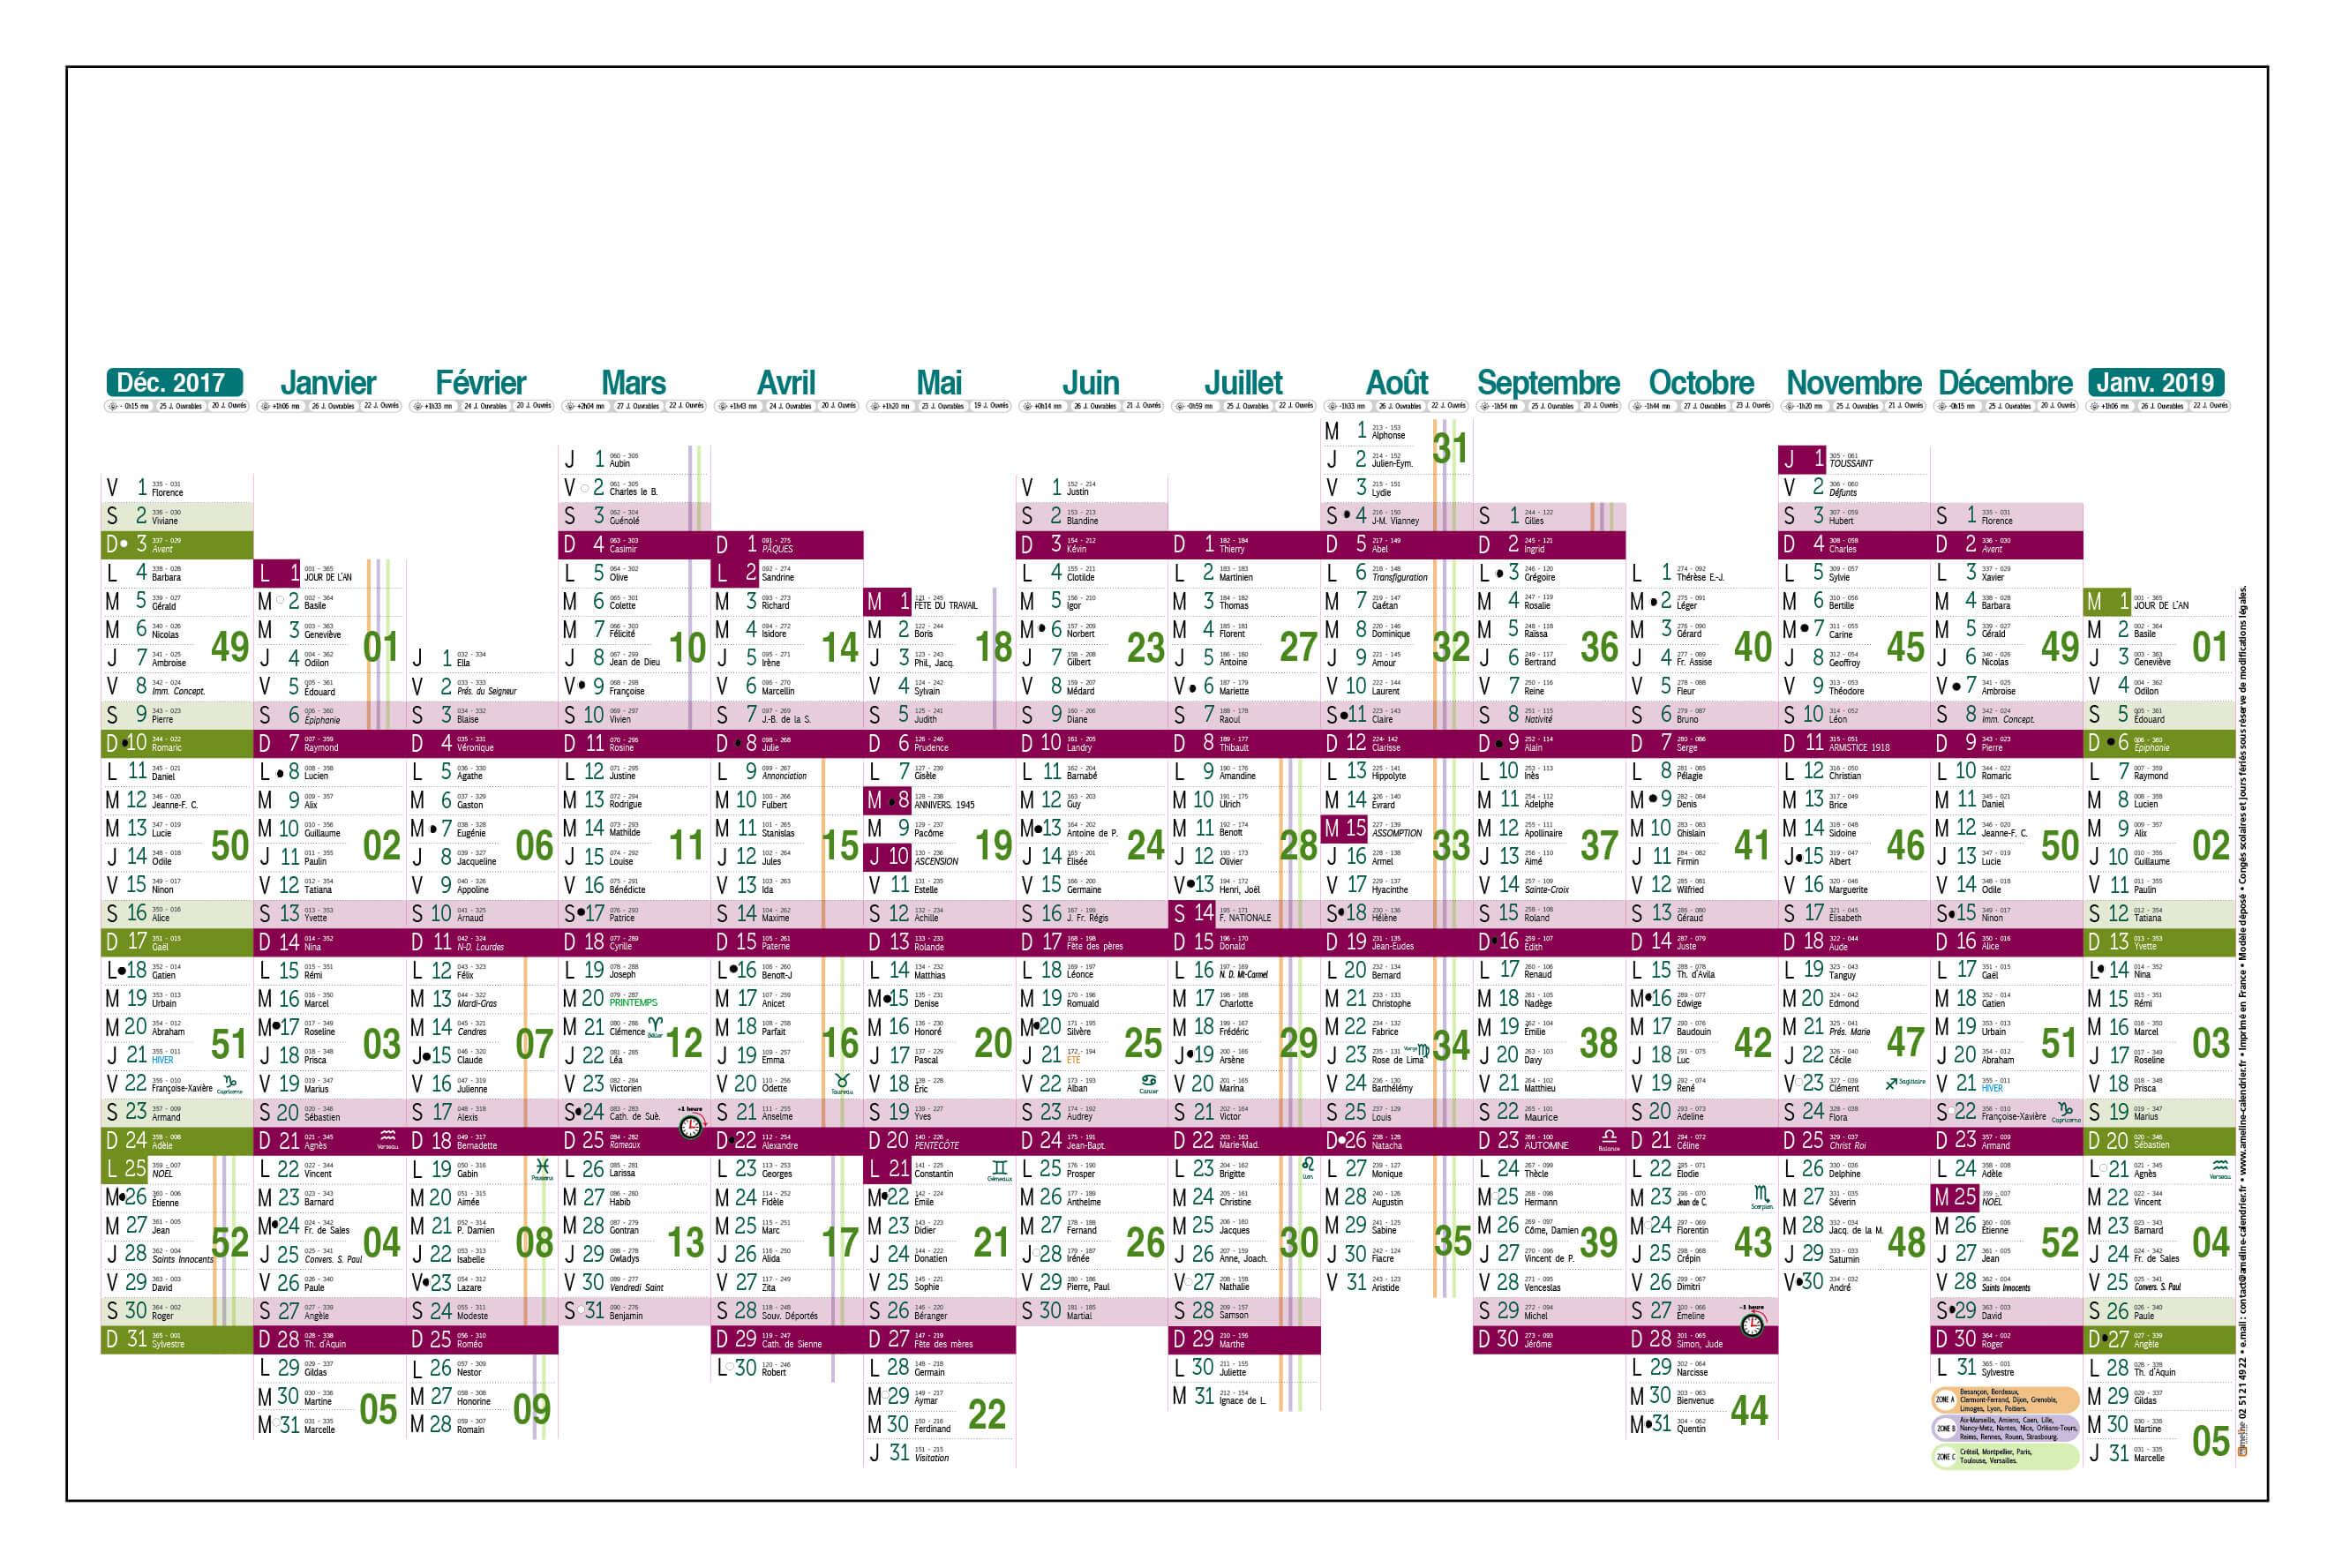 Grille-calendrier-2018-dimanches-alignés-TG-14-mois